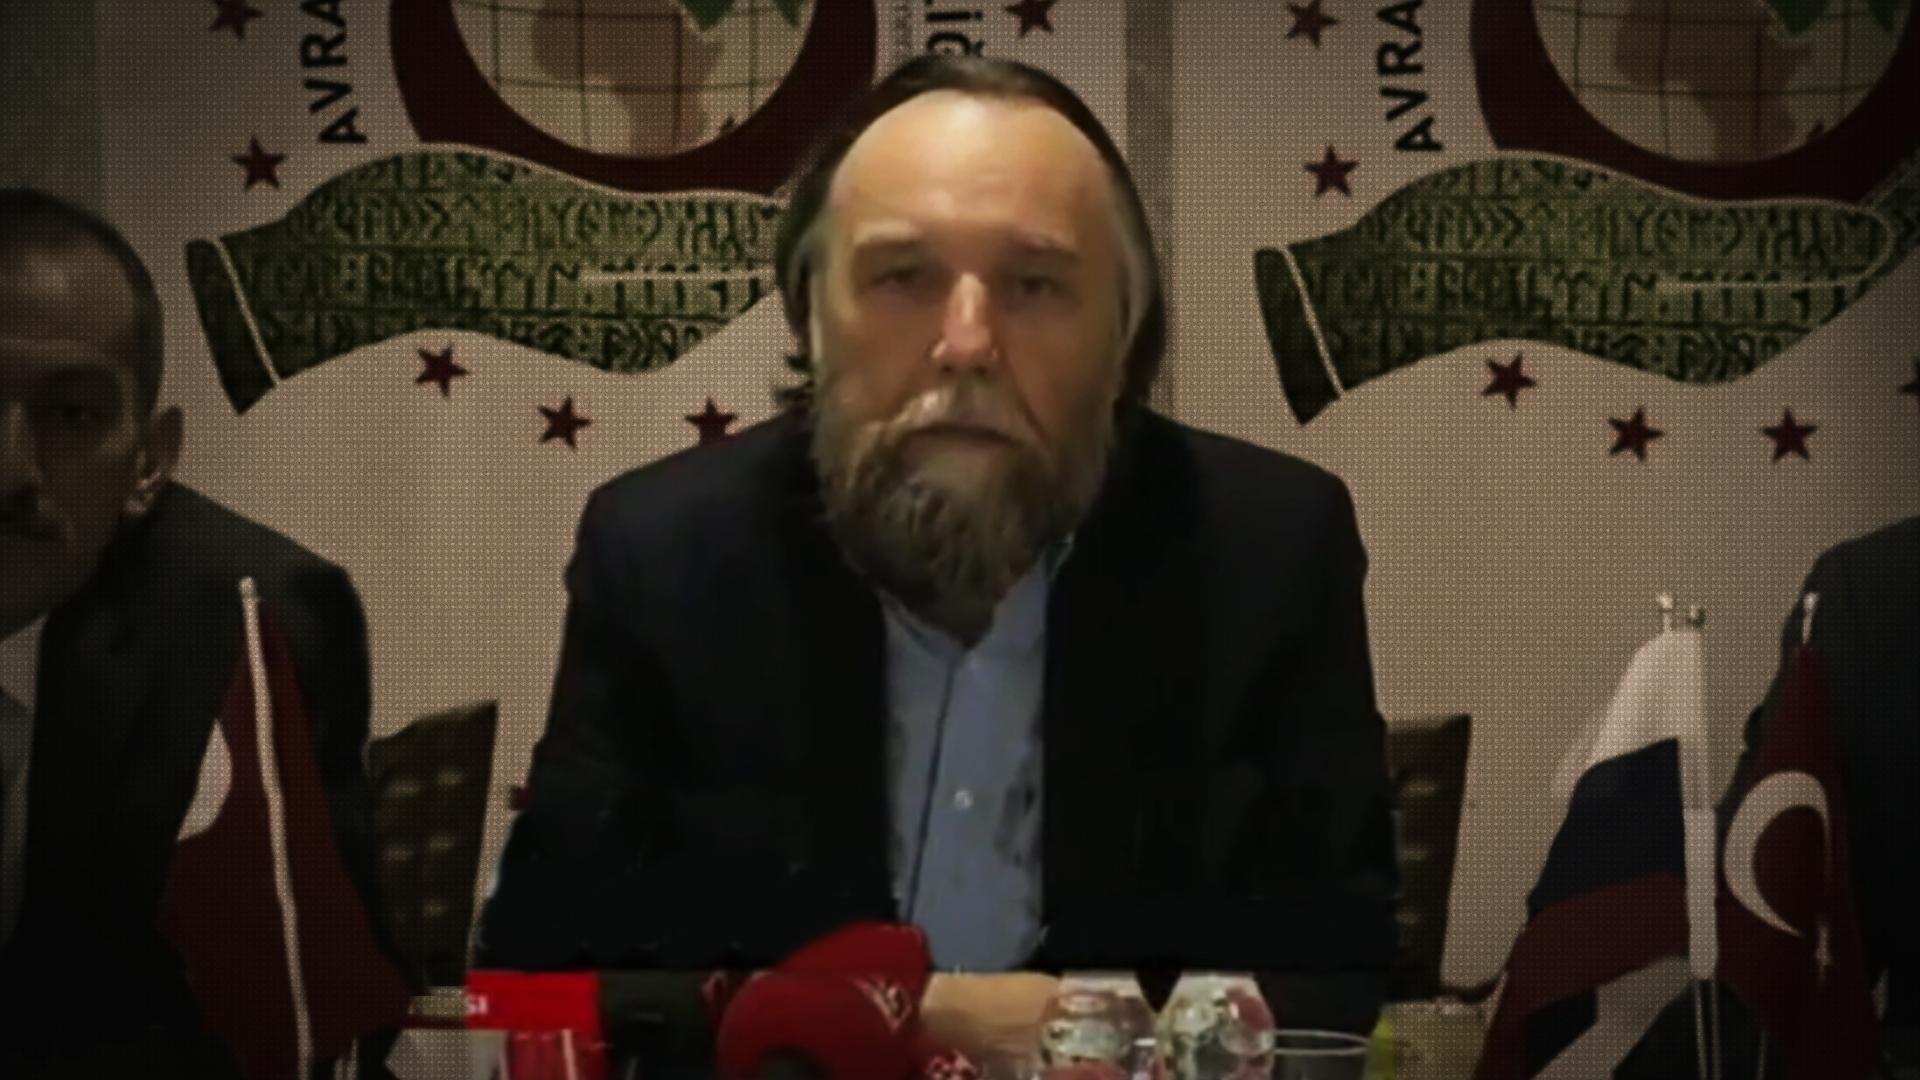 М. Дугин  в Анкаре дает пресс-конференцию 15 июля 2016 г.